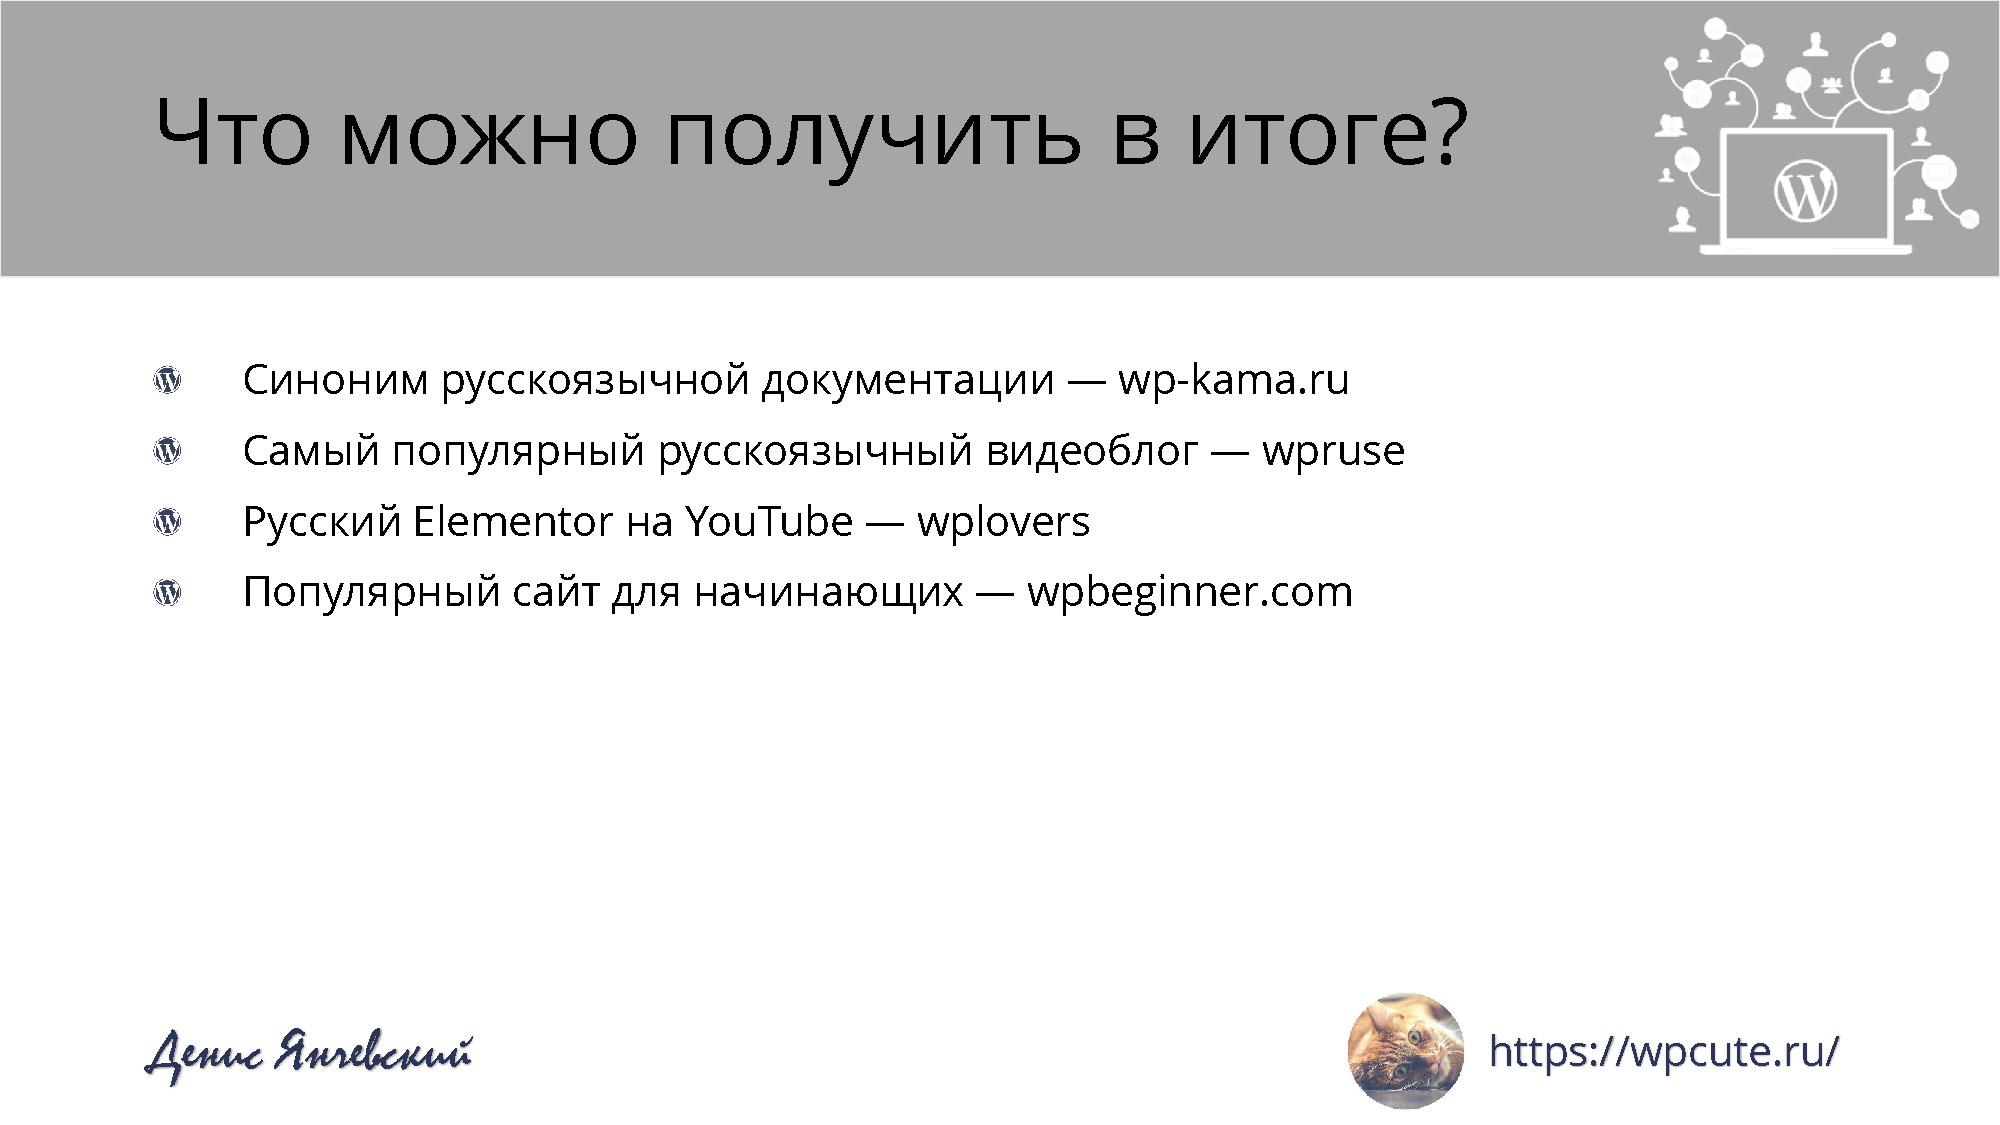 Kak_zavesti_i_dlya_chego_ispolzovat_blog_razrabotchiku__Denis_Yanchevskiy_Страница_11